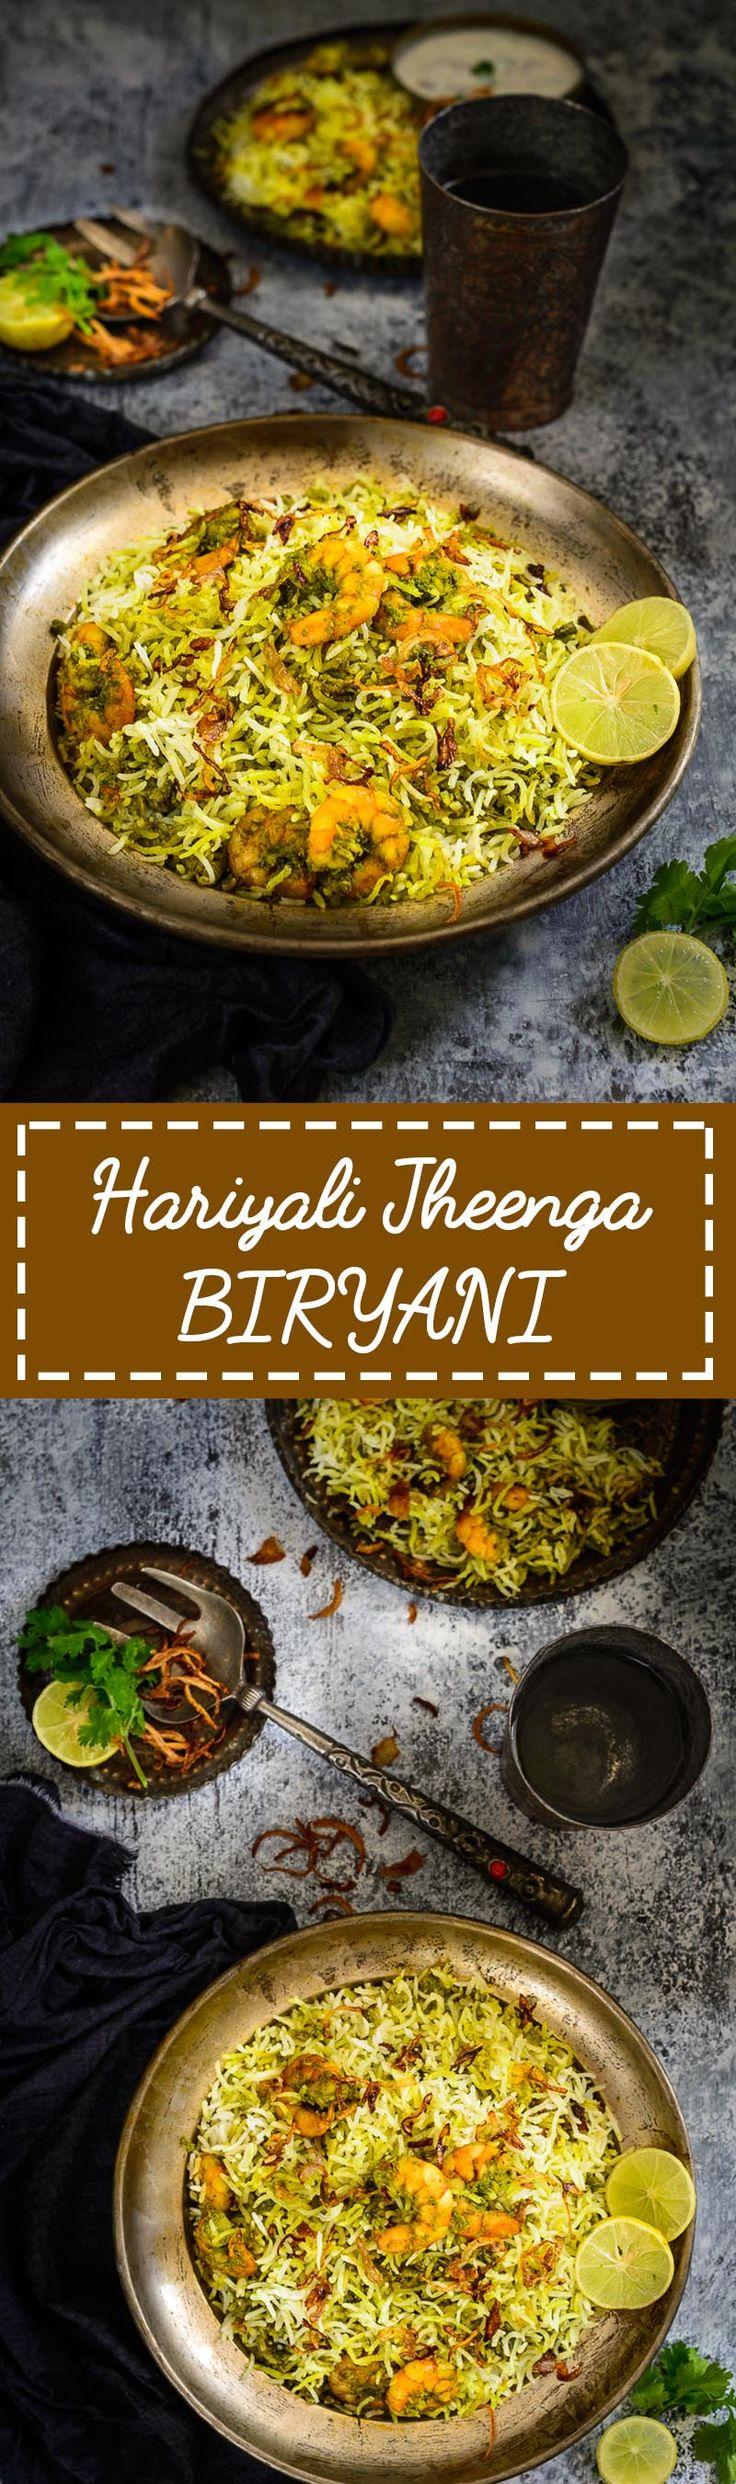 how to make mughlai chicken biryani